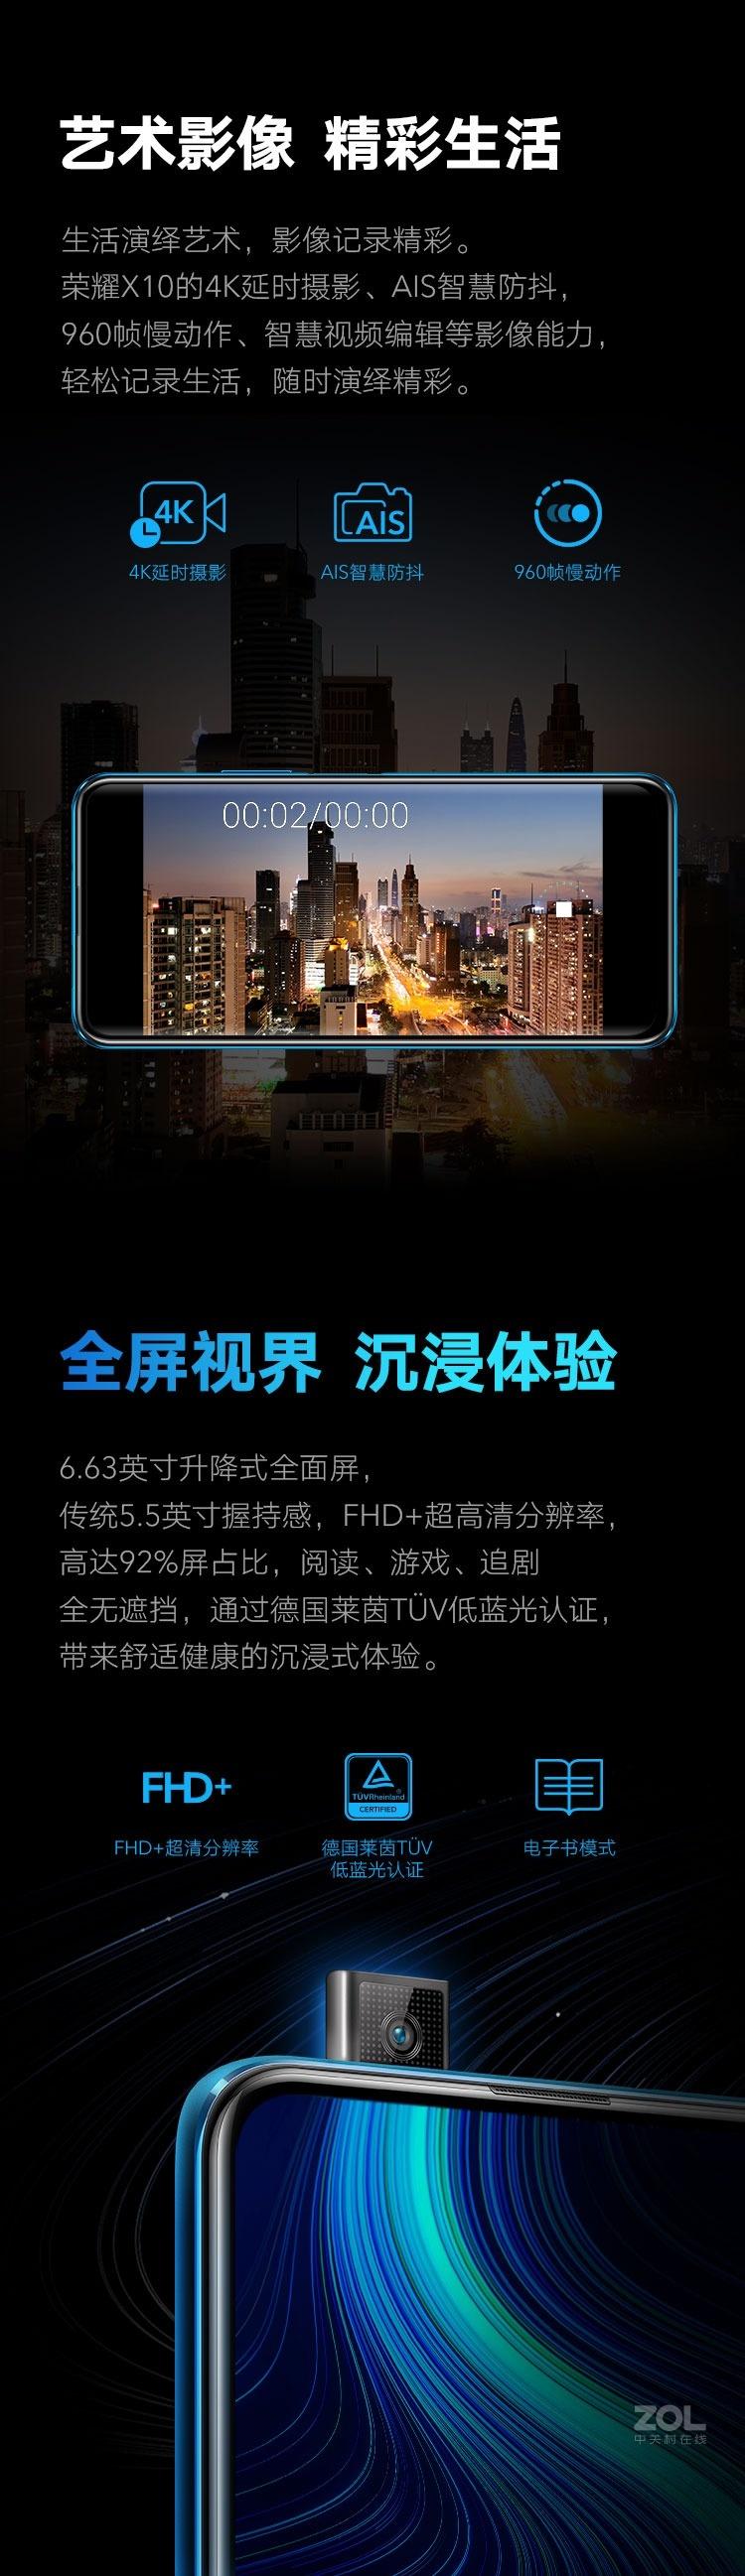 荣耀X10(6GB/128GB/全网通/5G版)评测图解产品亮点图片6